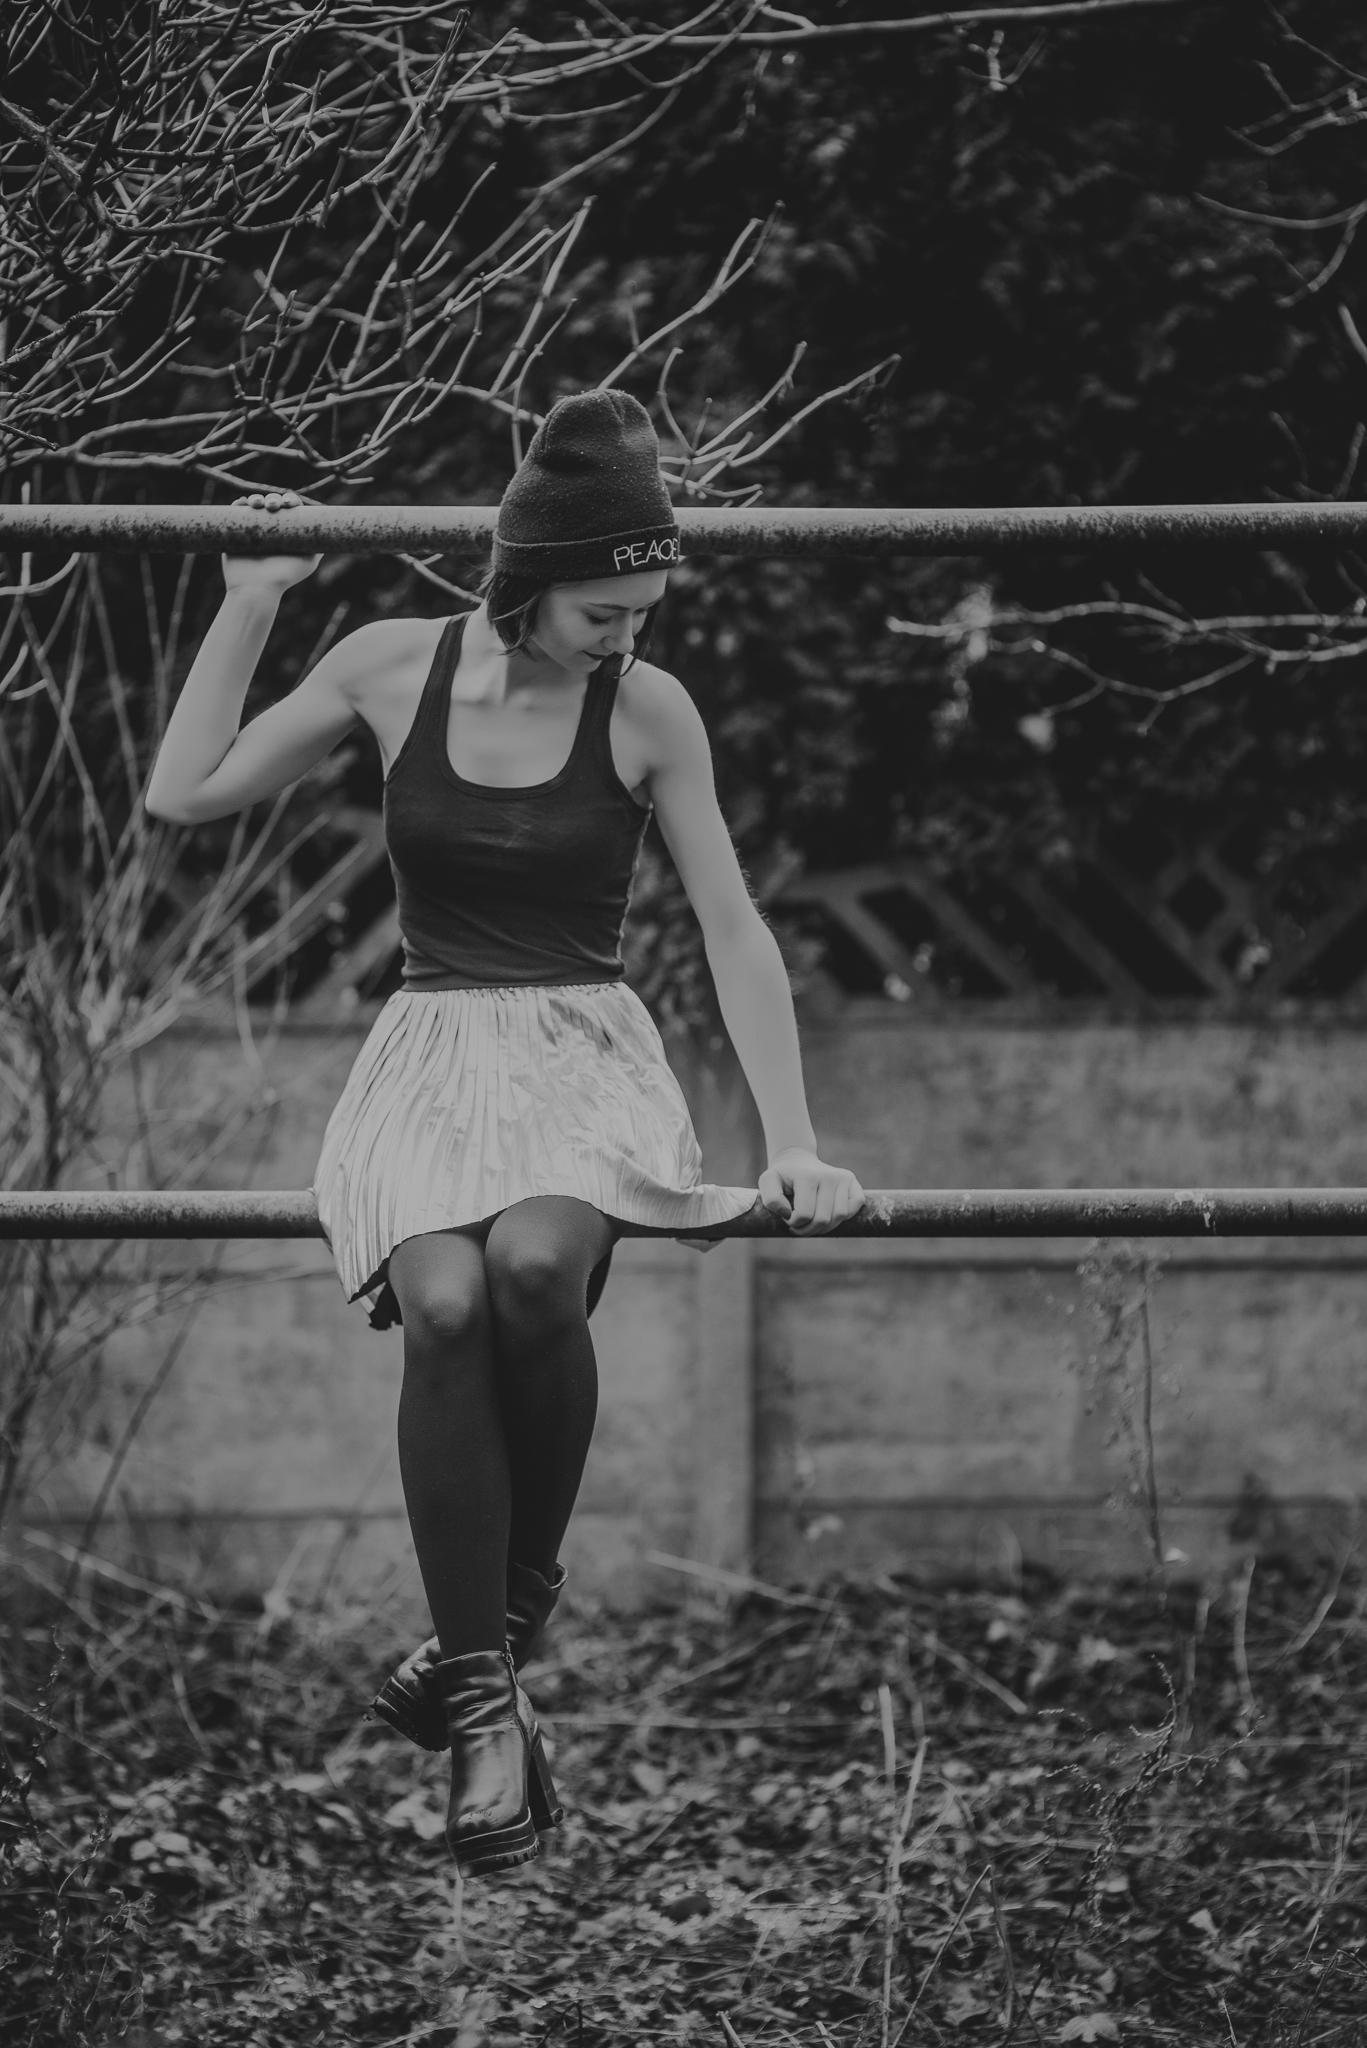 0183_Ania_sesja_portretowa_stylizowana_________www_amfoto_pl_AMF_4688-2.jpg